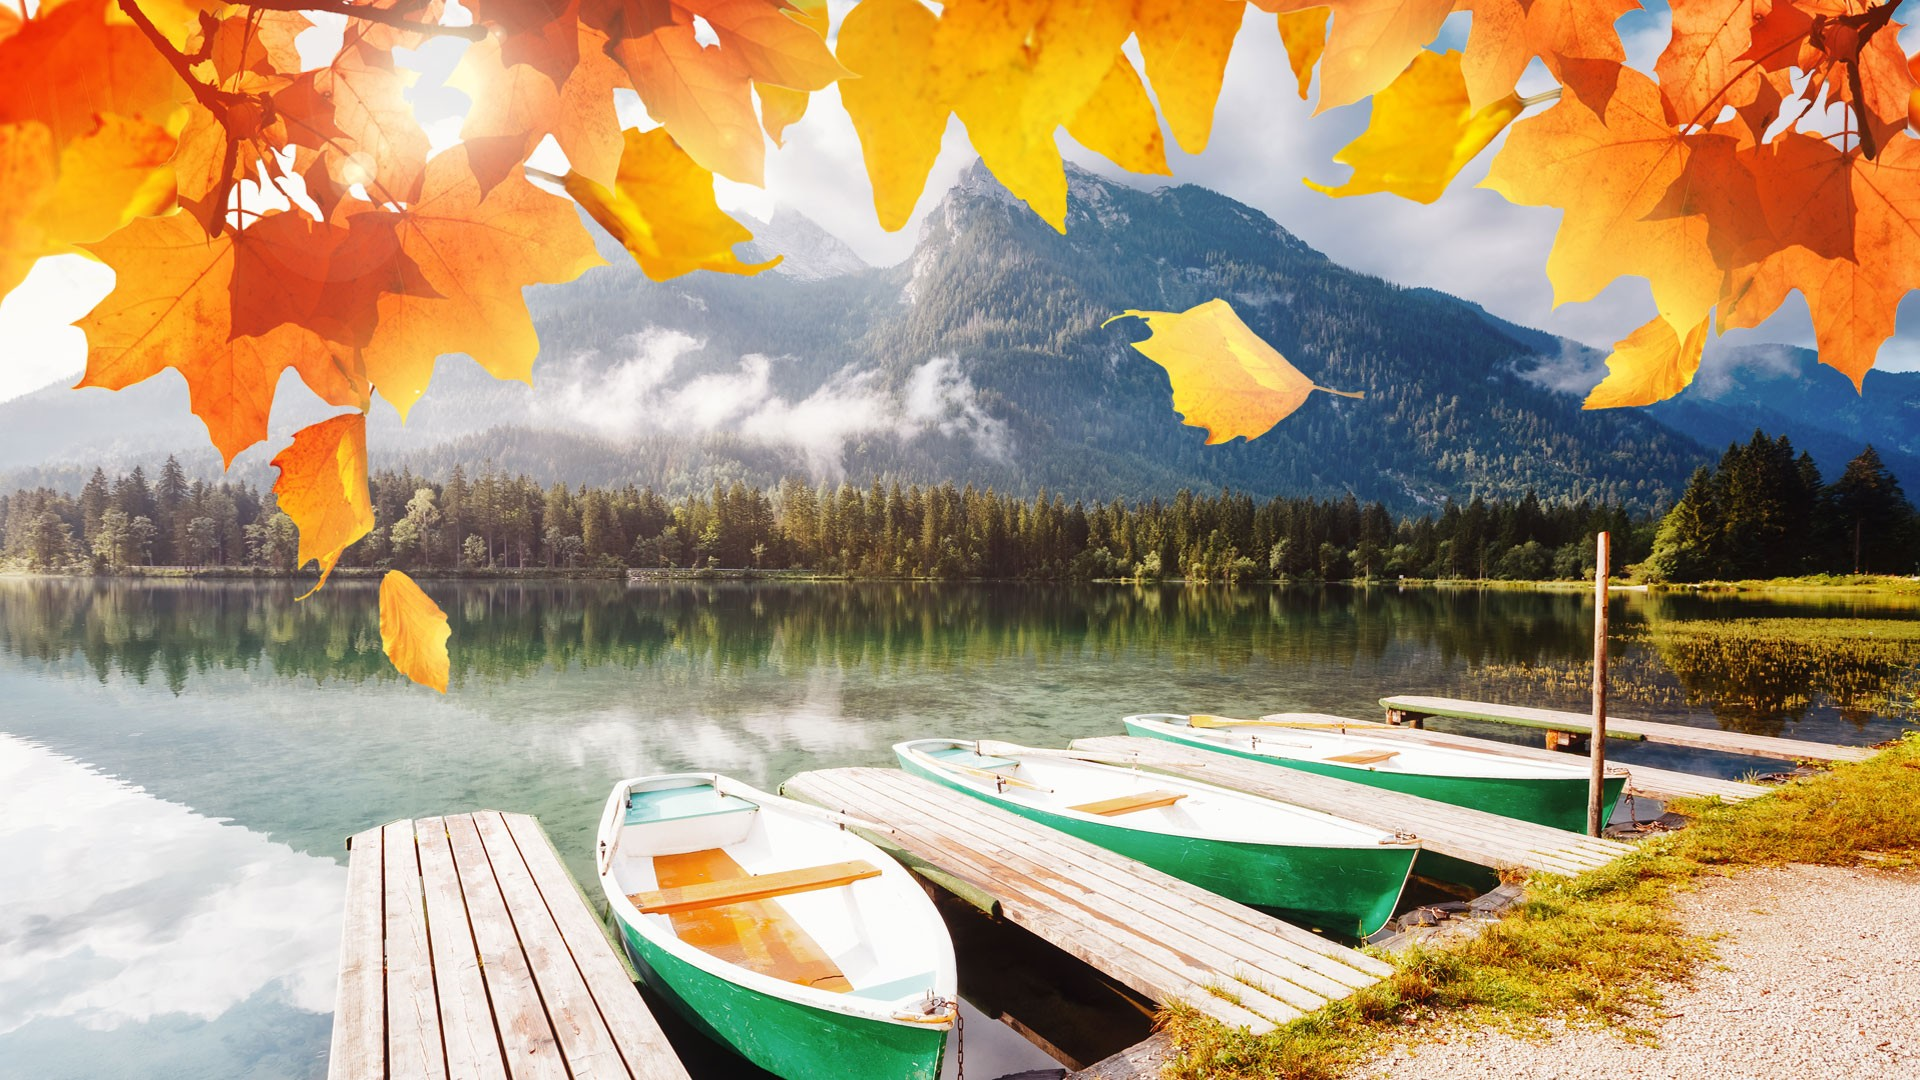 Herbst in Berchtesgaden - Hintersee